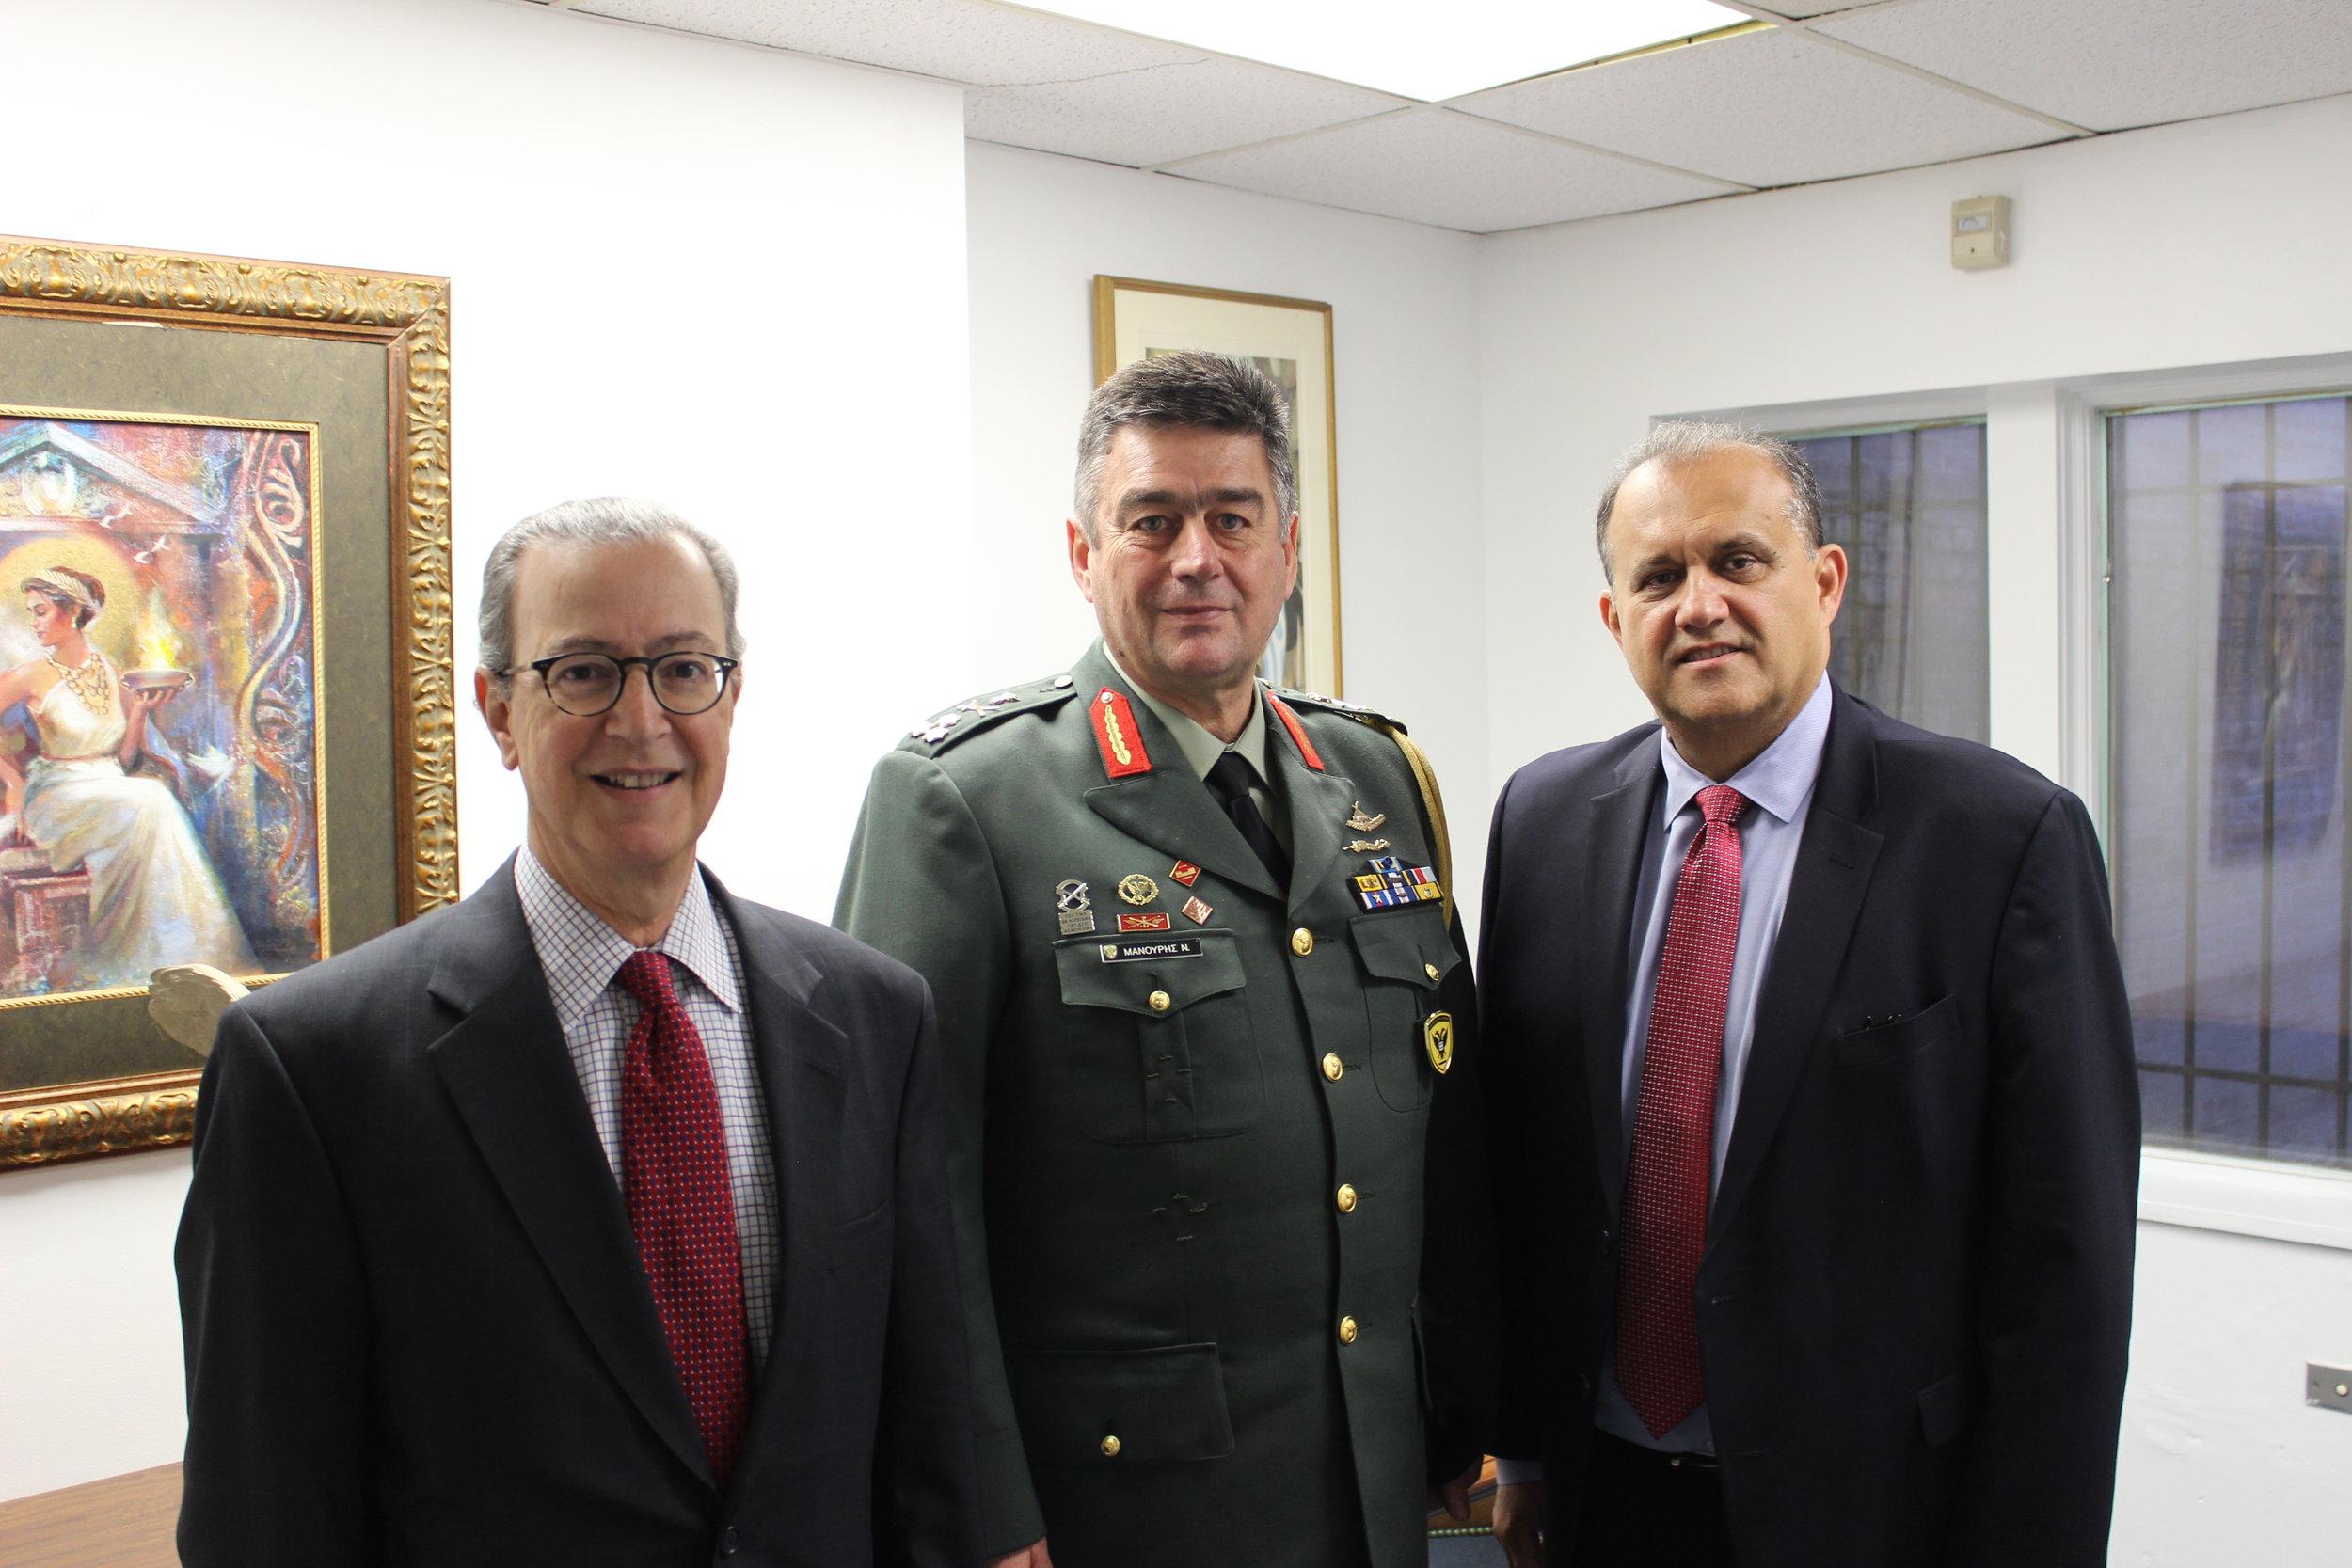 (L-R) James Marketos, Esq., AHI Board Member, Lt. General Nikolaos Manouris, and Nick Larigakis.